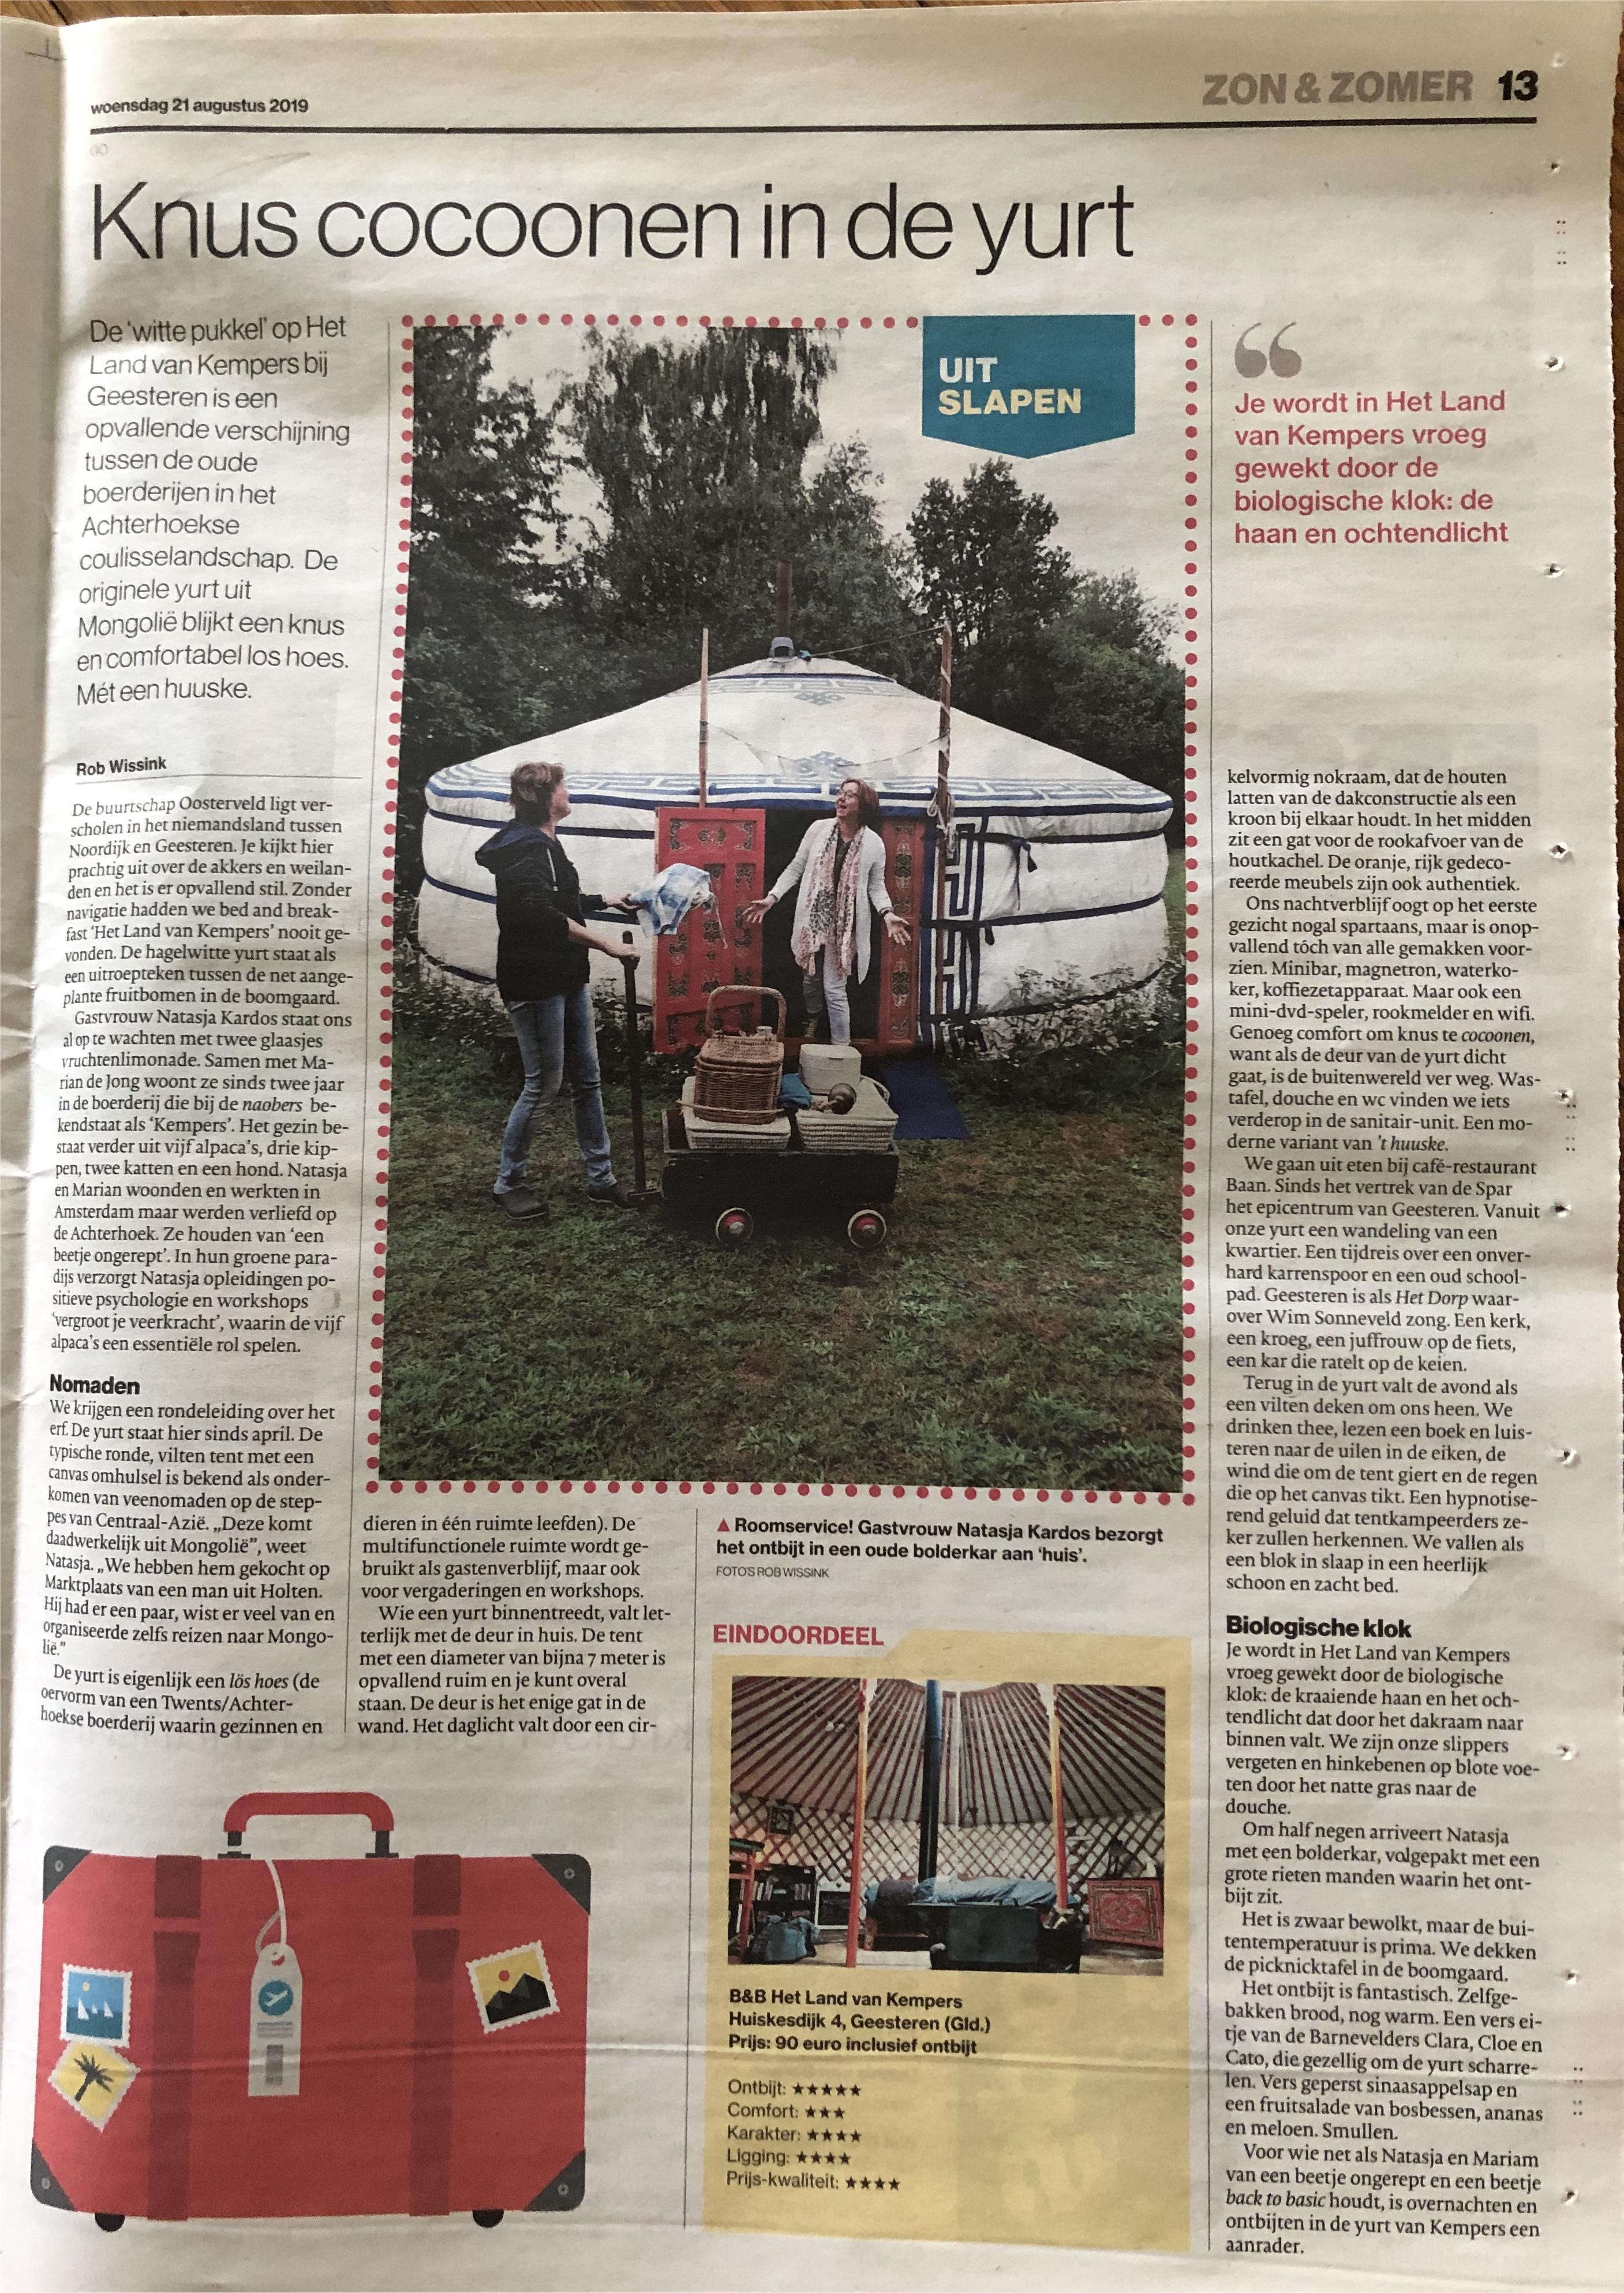 tubantia-stentor-gelderlander-overnachten in een yurt